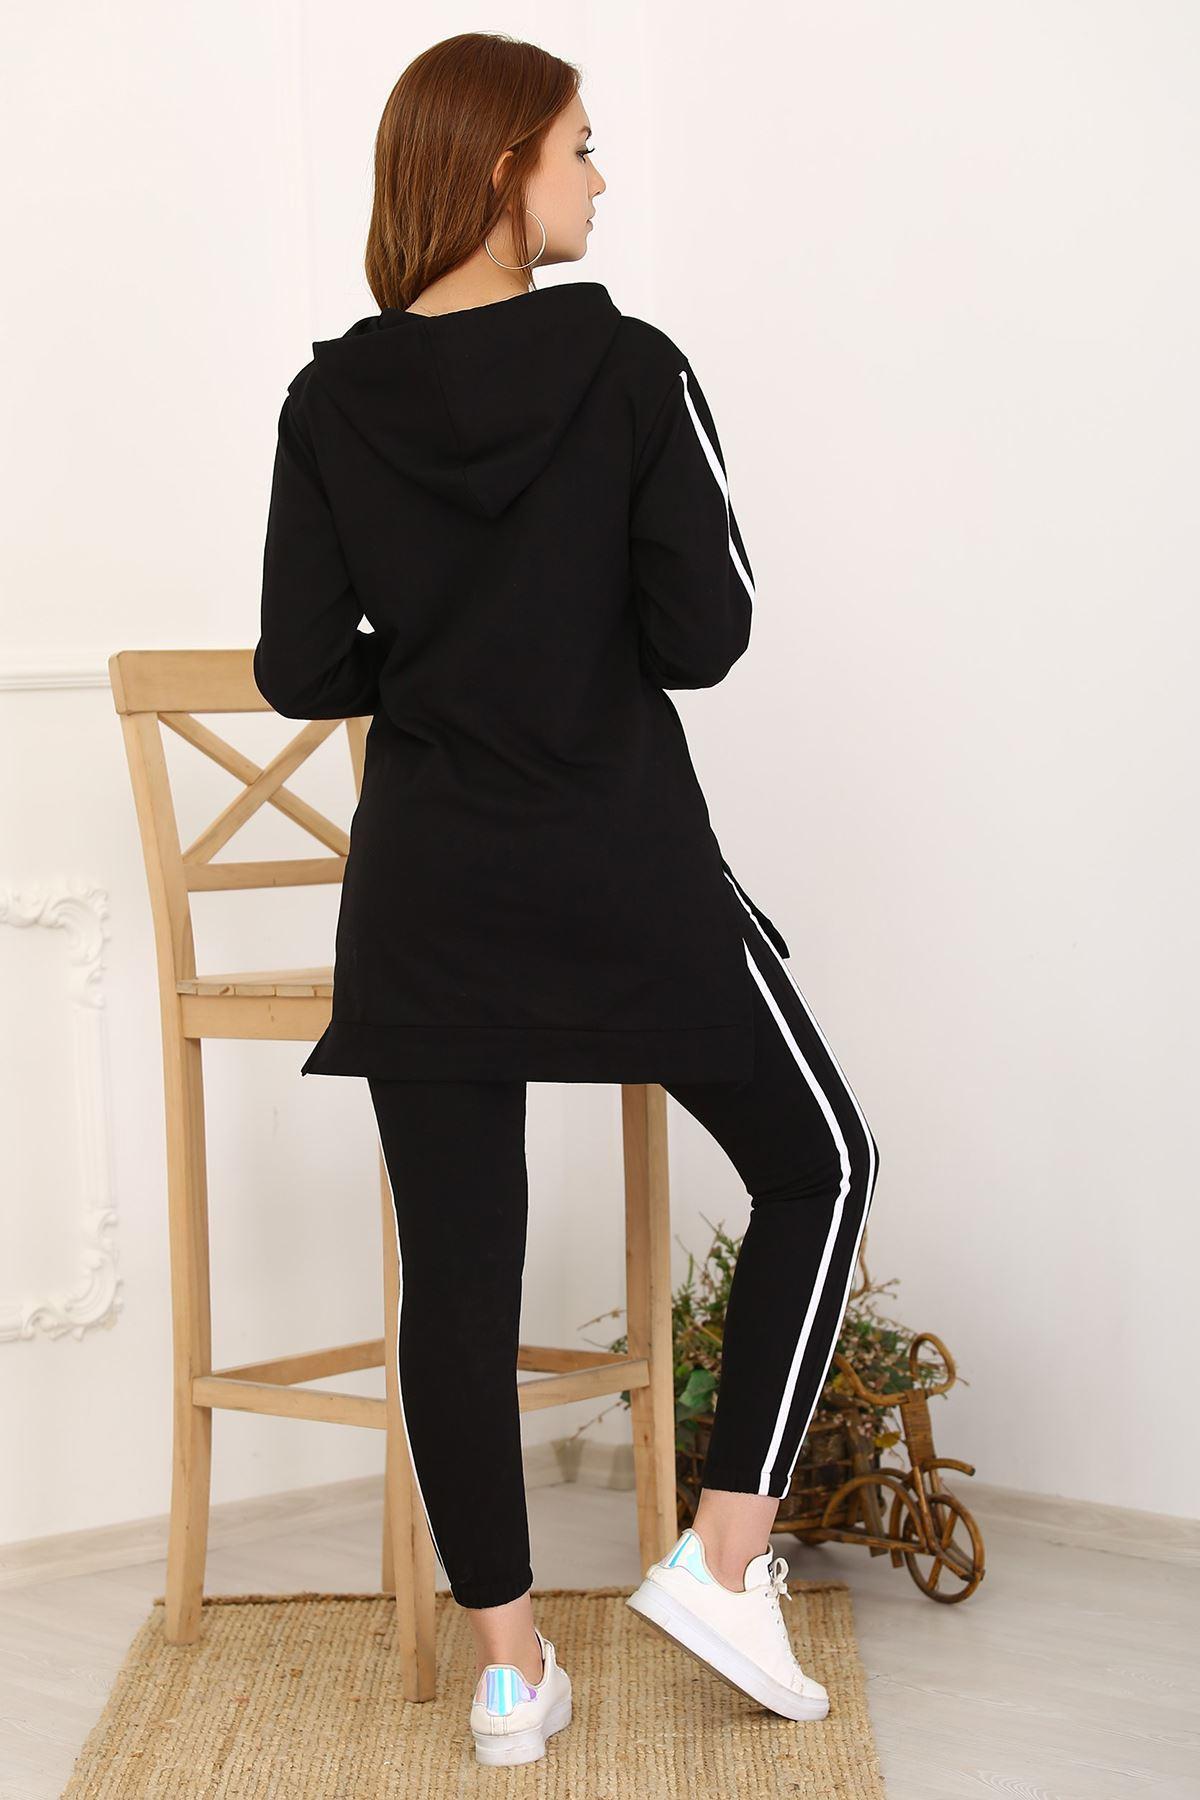 Kadın Eşofman Takımı Kapşonlu Tunik Siyah - 2772.1005.